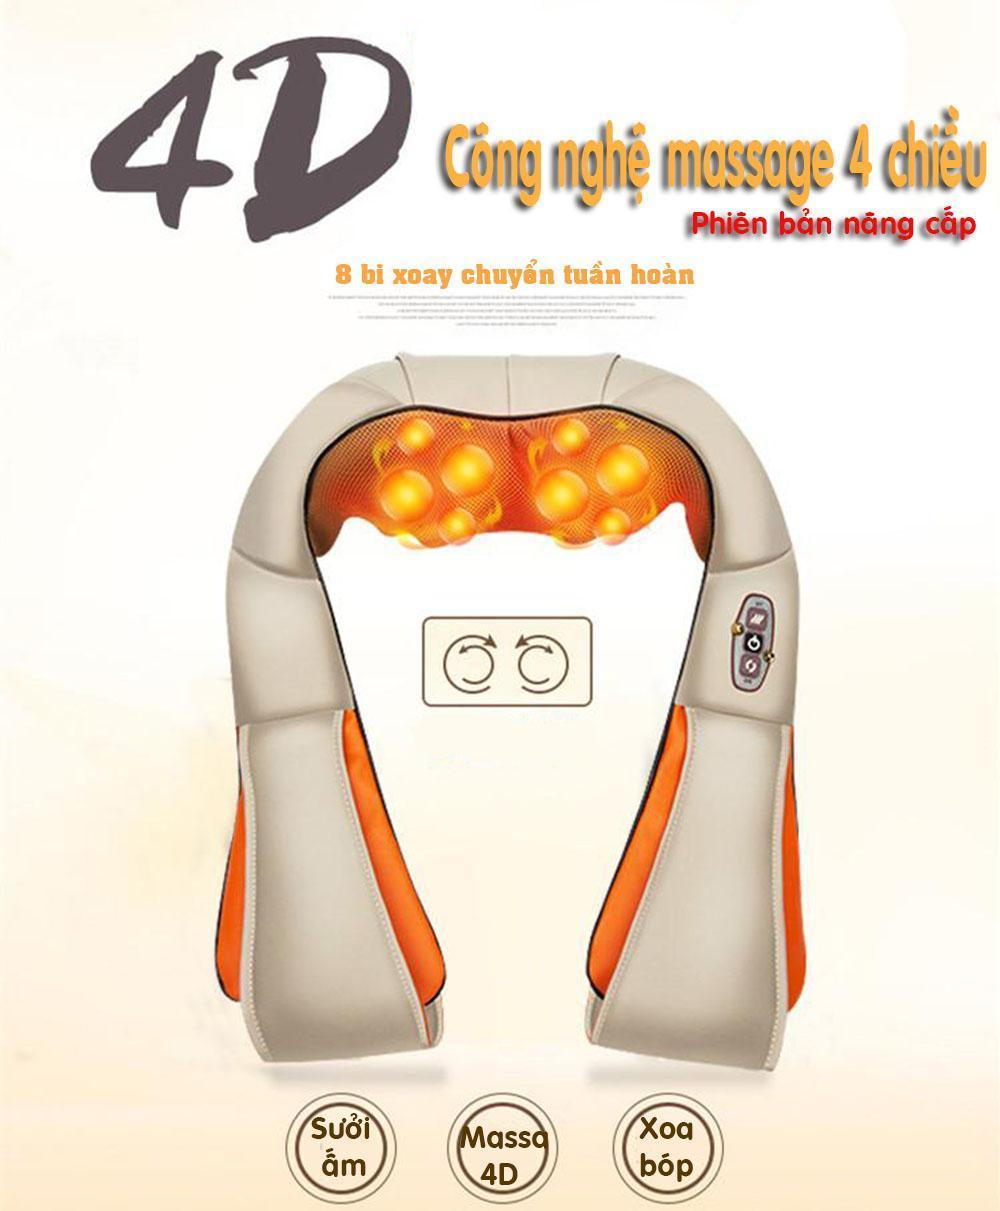 Đai massage lưng phiên bản xuất khẩu, massage chân, mat xa cổ vai gáy, có đai giữ, thiết kế nâng cấp phiên bản 4D bản quốc tế